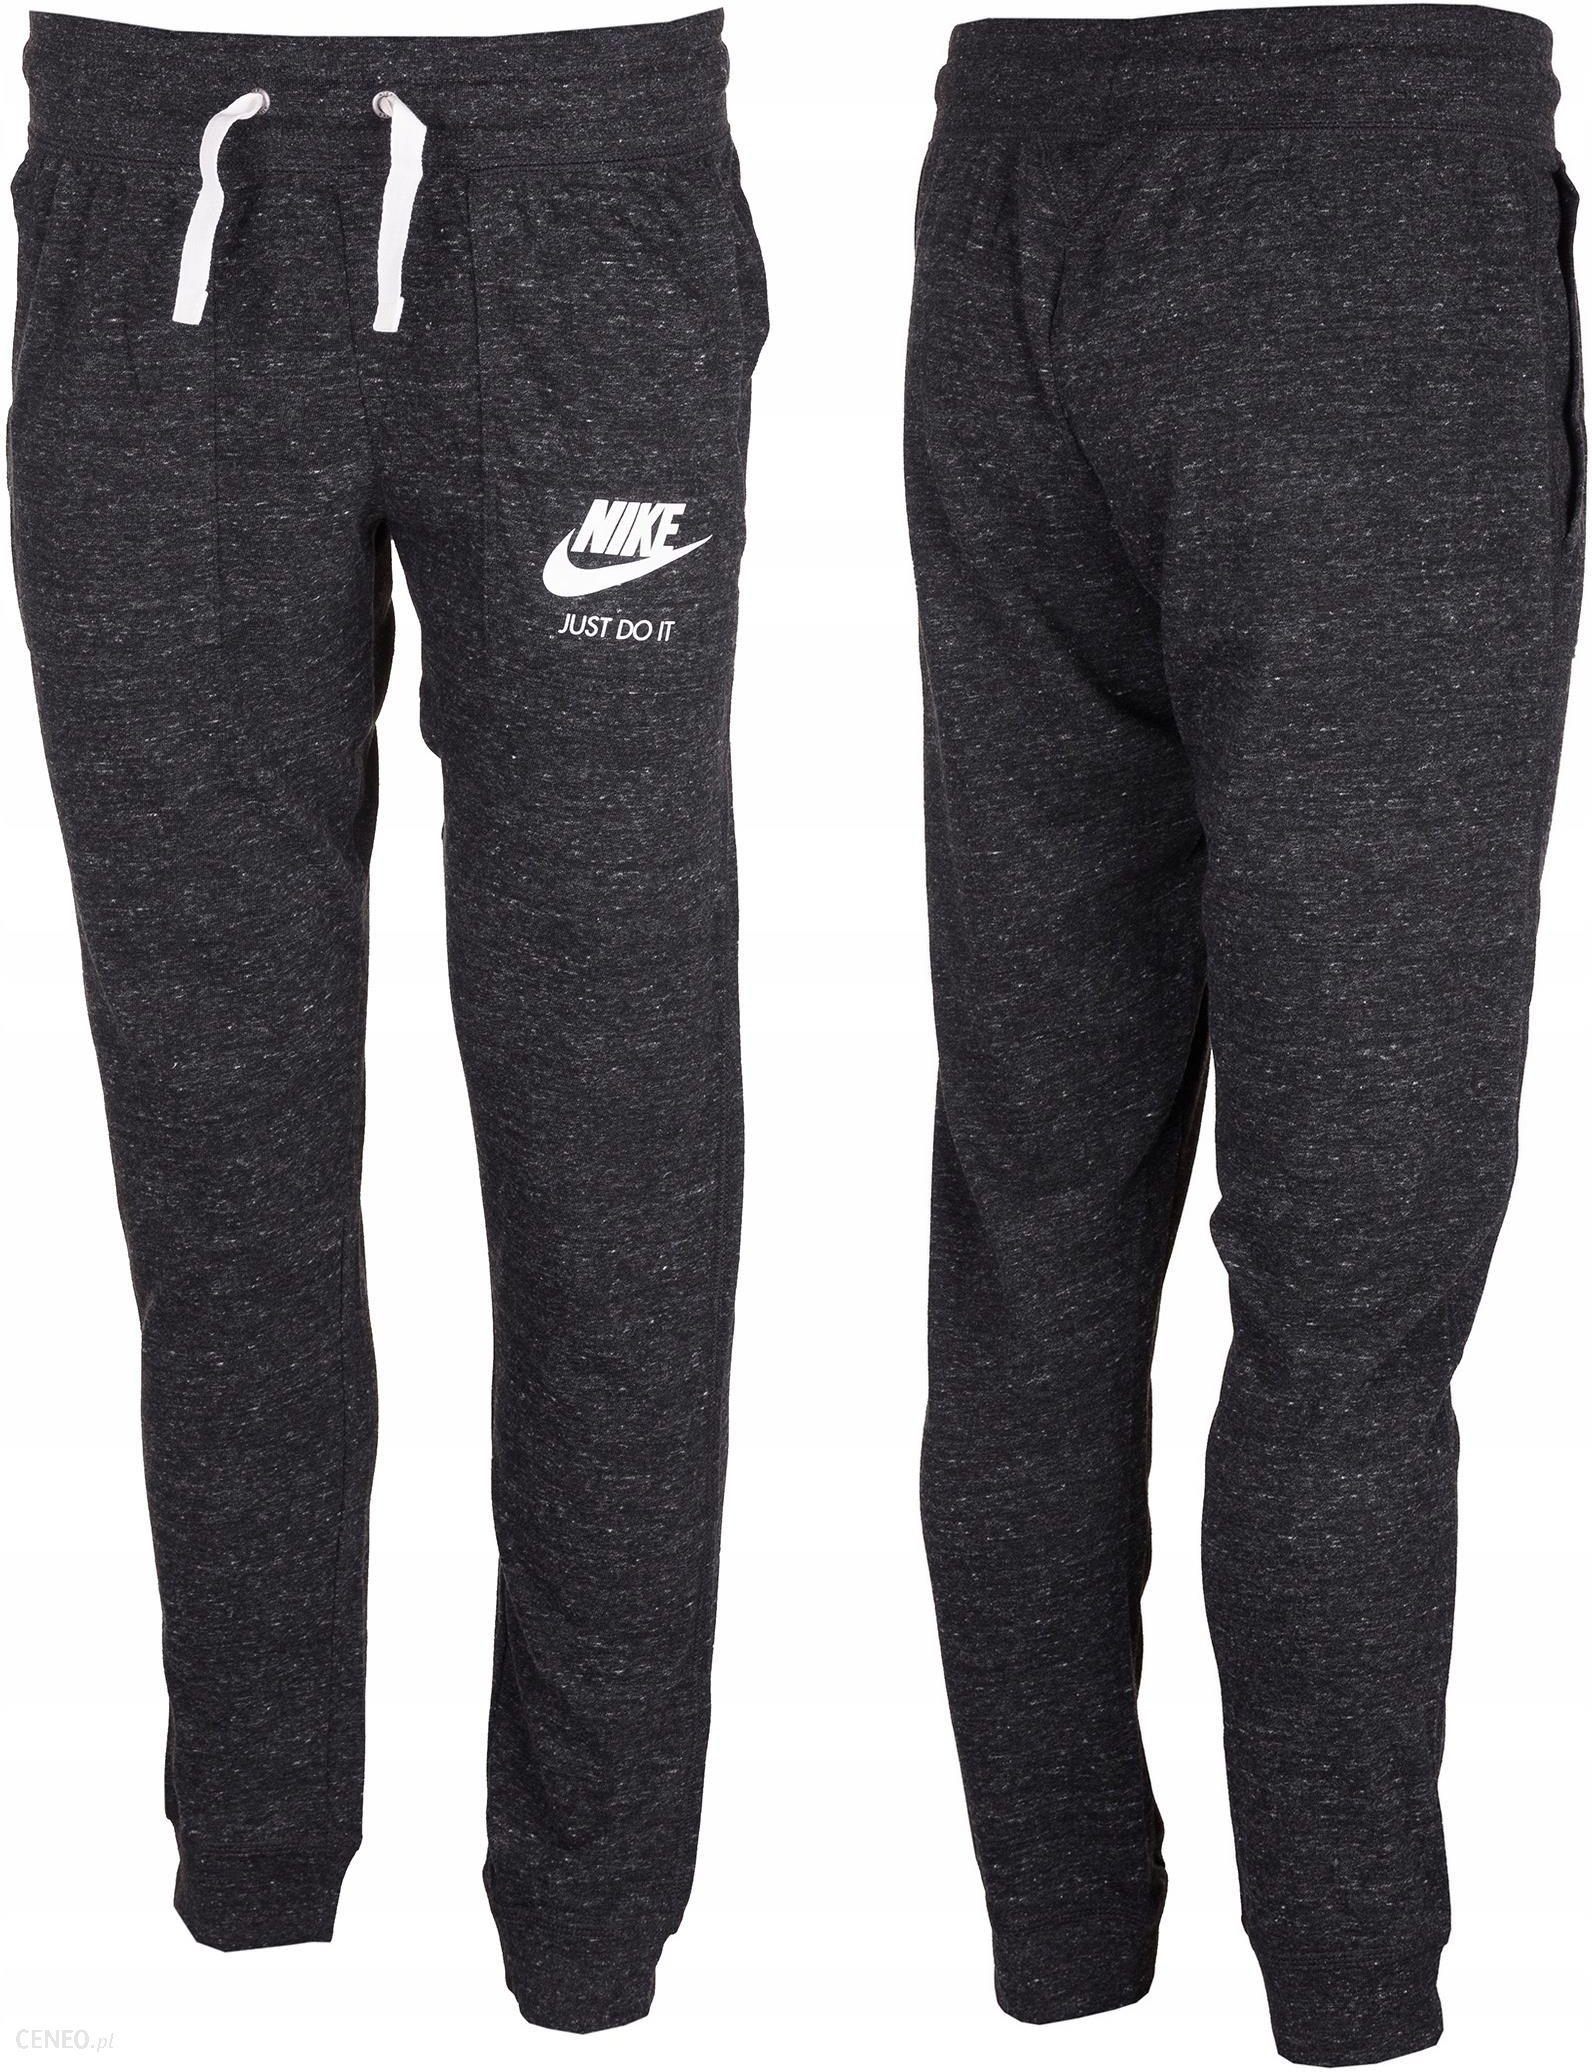 ekskluzywne oferty profesjonalna sprzedaż super promocje Nike spodnie dresowe Damskie Just Do It roz.L - Ceny i opinie - Ceneo.pl